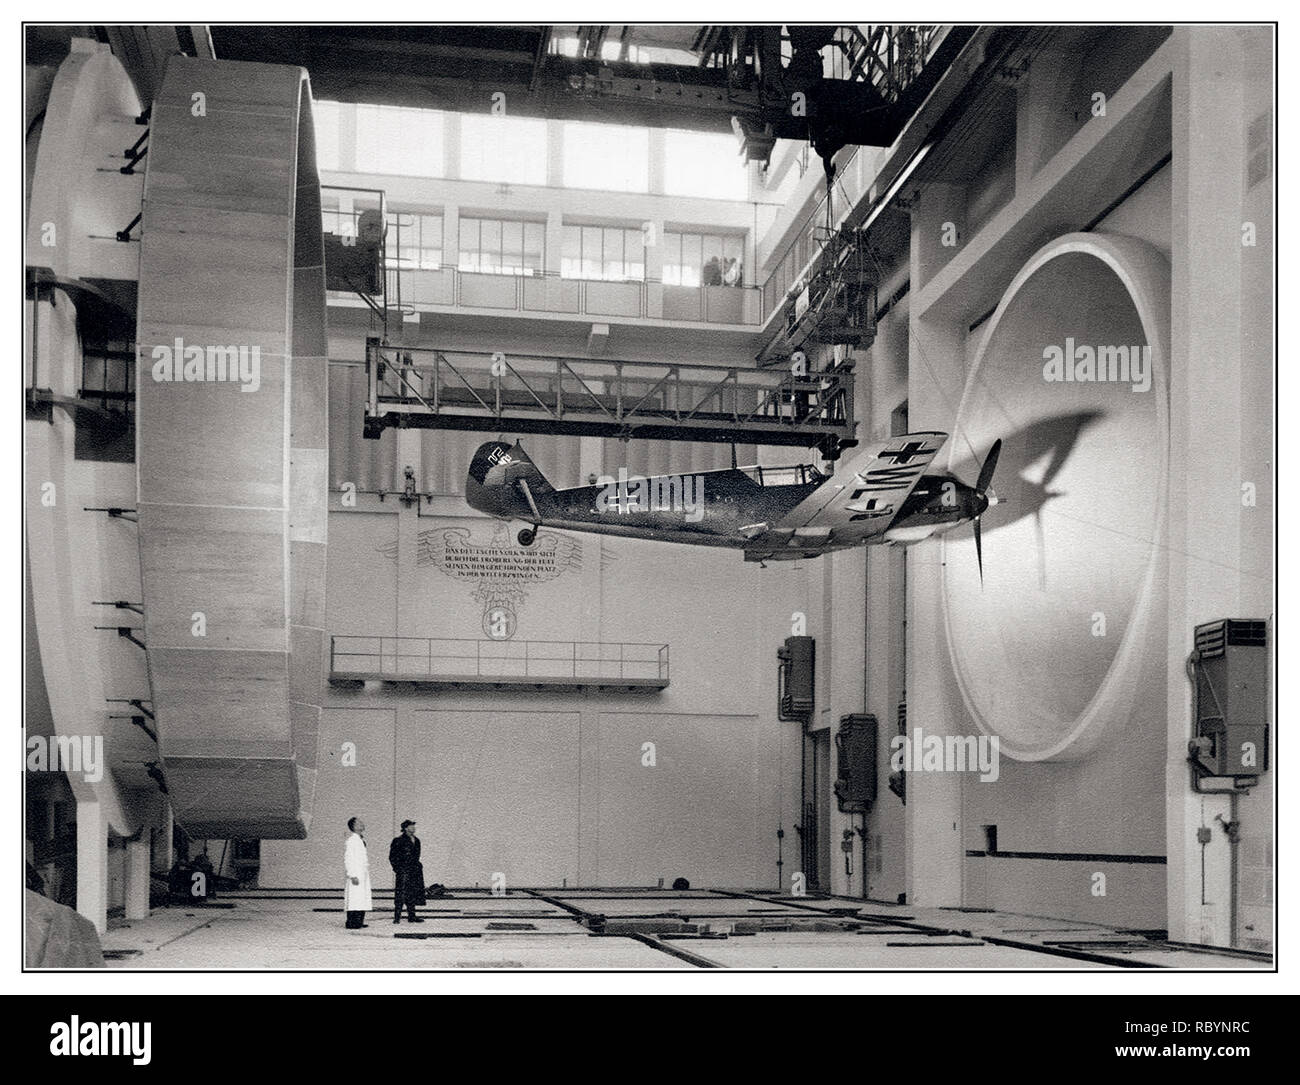 Messerschmitt Bf 109  WW2 Germany.. German engineers wind tunnel testing a Nazi Fighter Aircraft Messerschmitt Bf 109 E3, 1940 - Stock Image